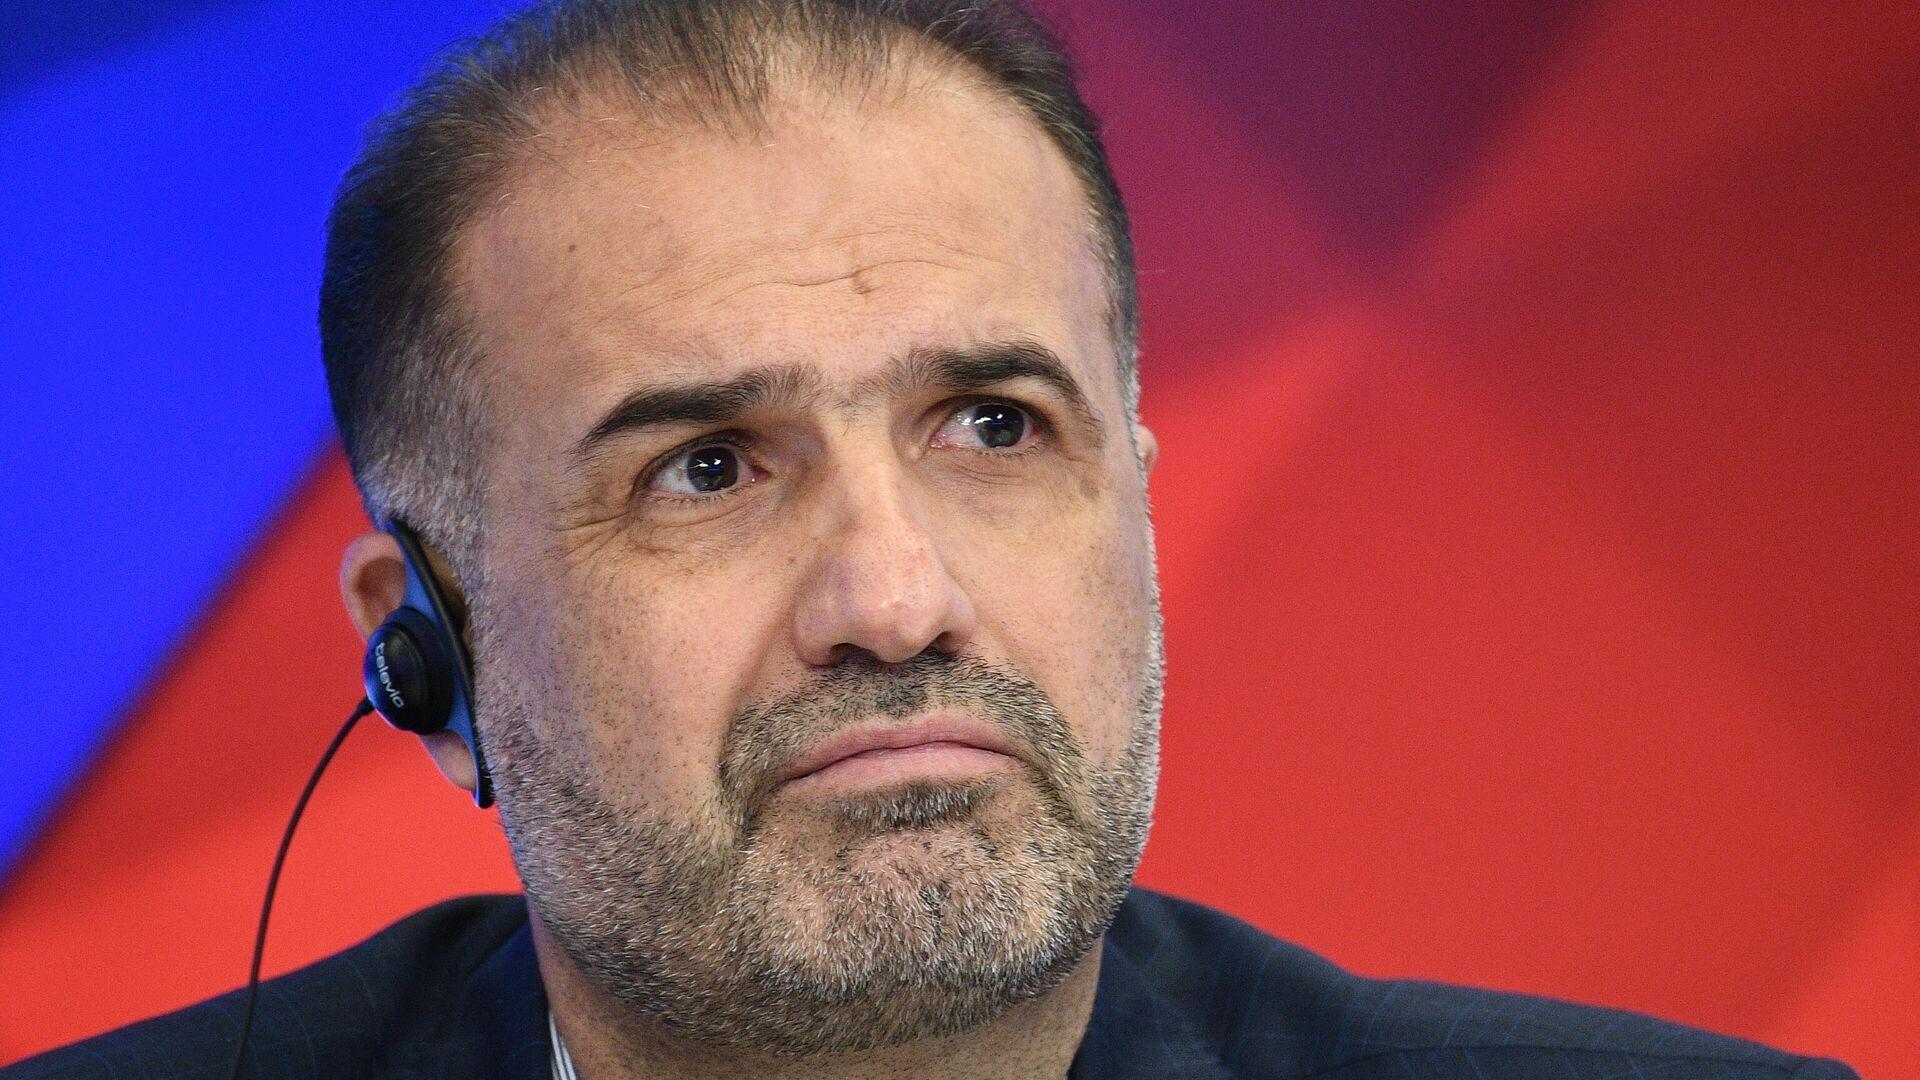 Чрезвычайный и полномочный посол Исламской Республики Иран в РФ Казем Джалали во время пресс-конференции в МИА Россия сегодня - РИА Новости, 1920, 25.09.2020